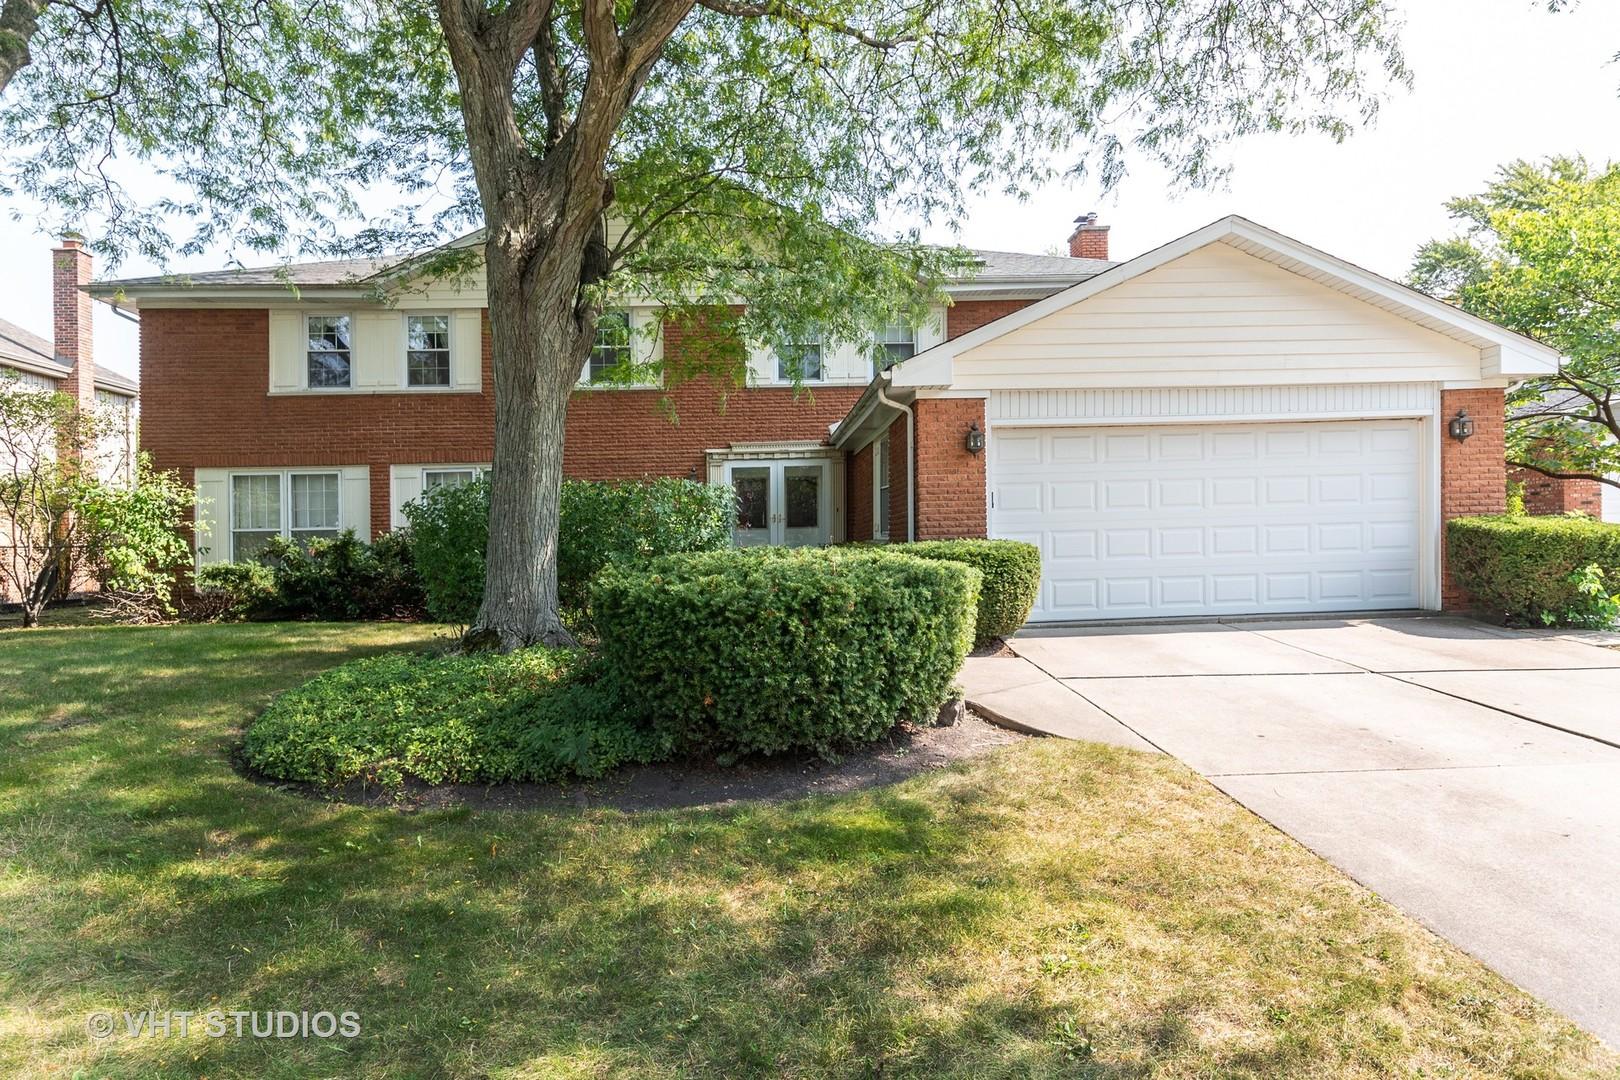 929 Dorset ,Northbrook, Illinois 60062